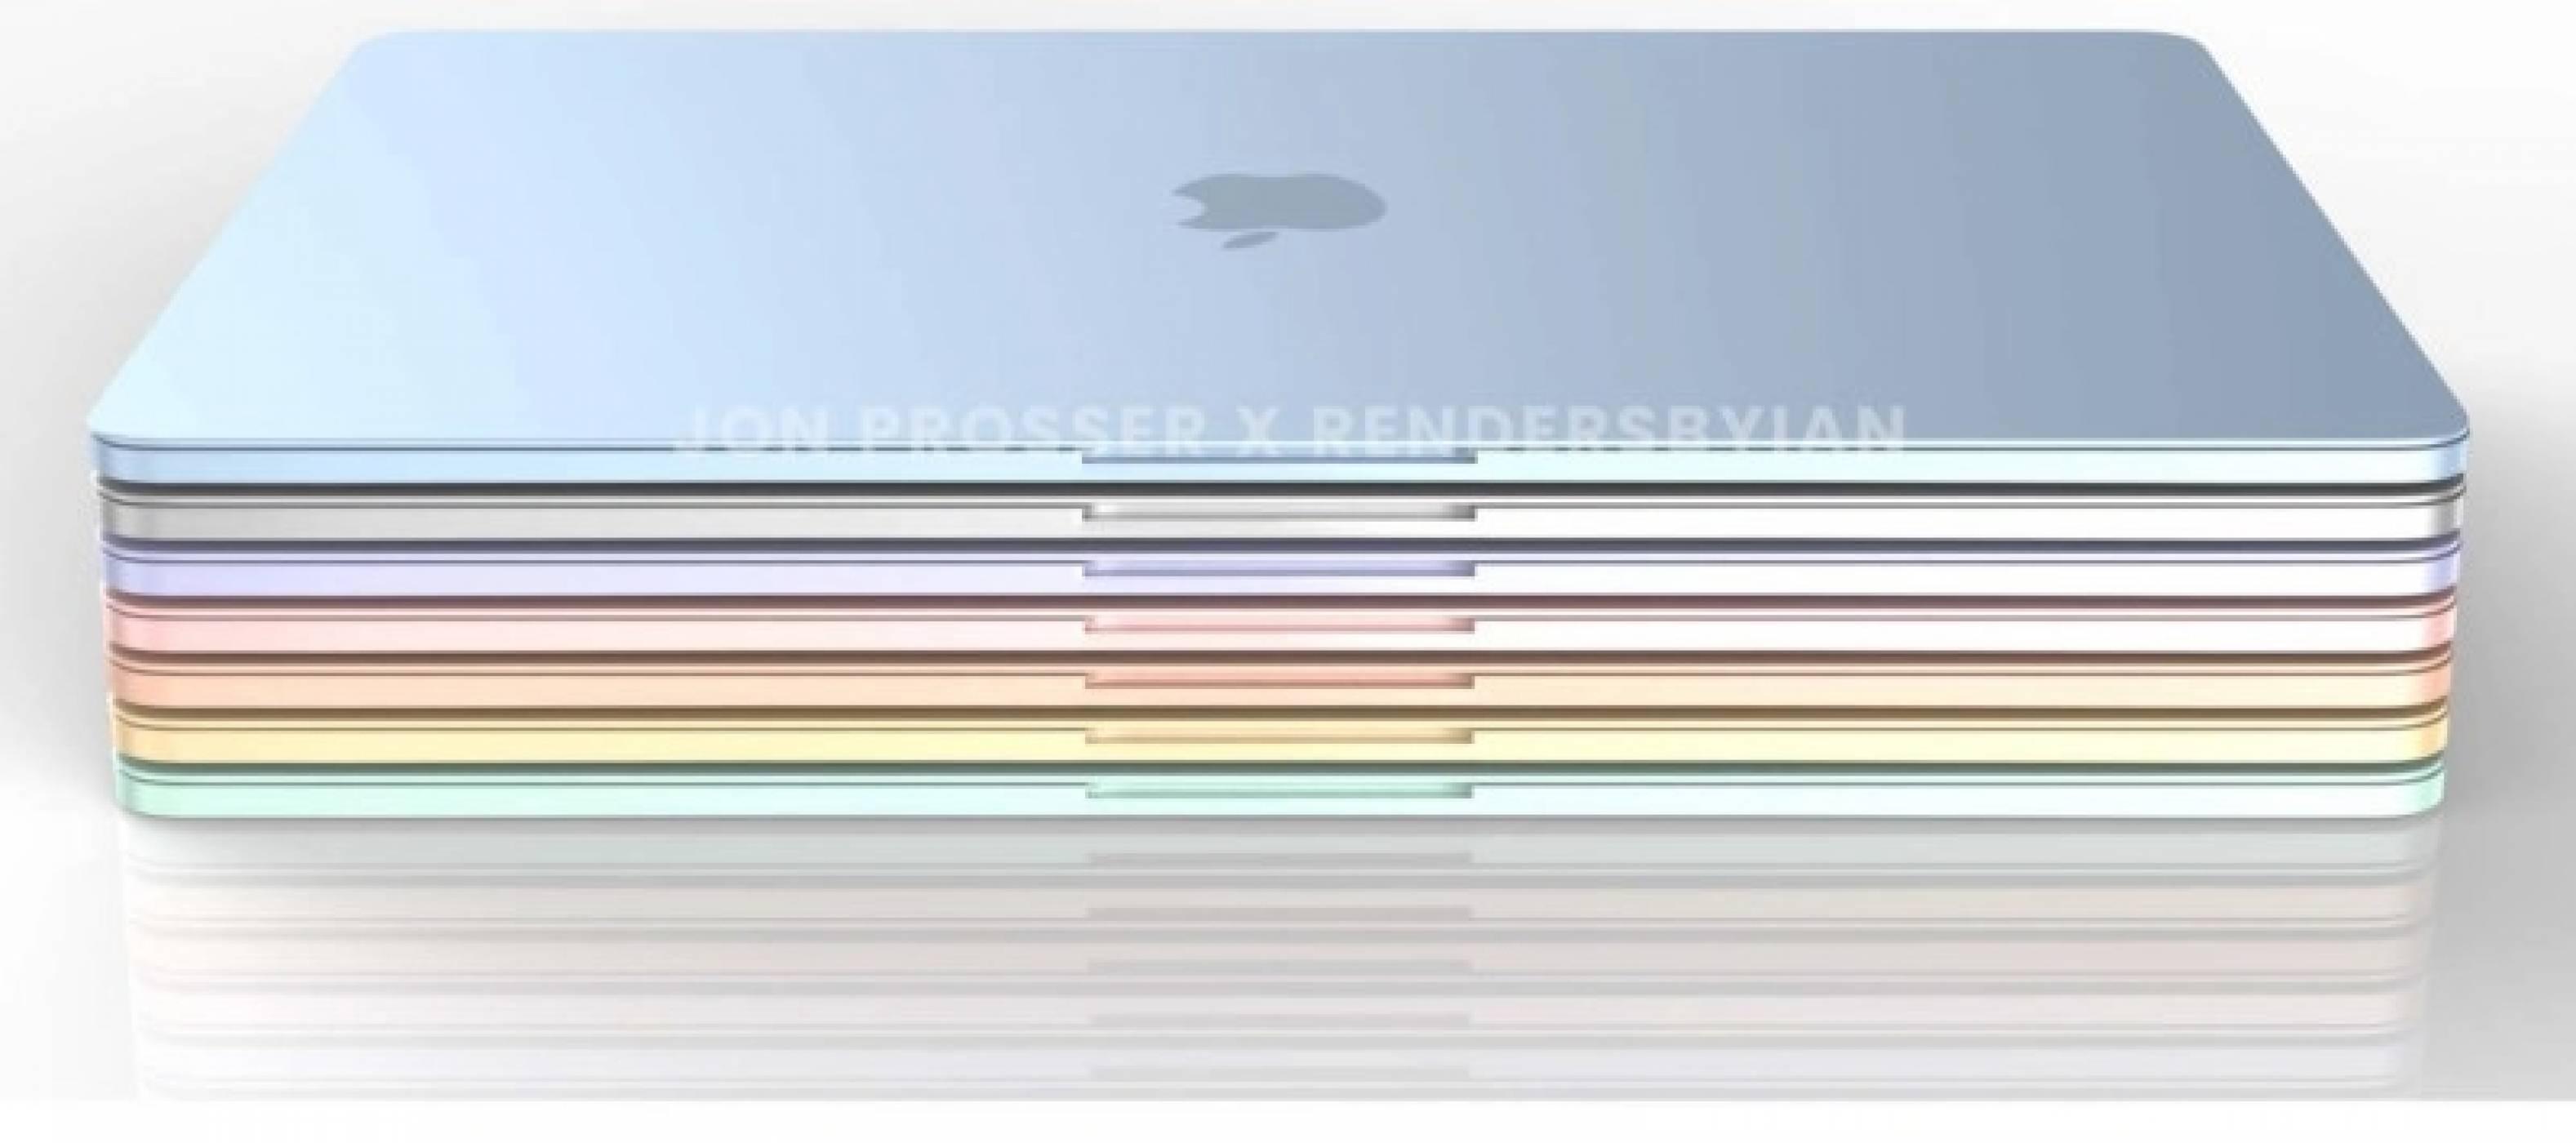 Следващият MacBook Air с чипа M2 ще дойде в най-различни цветове